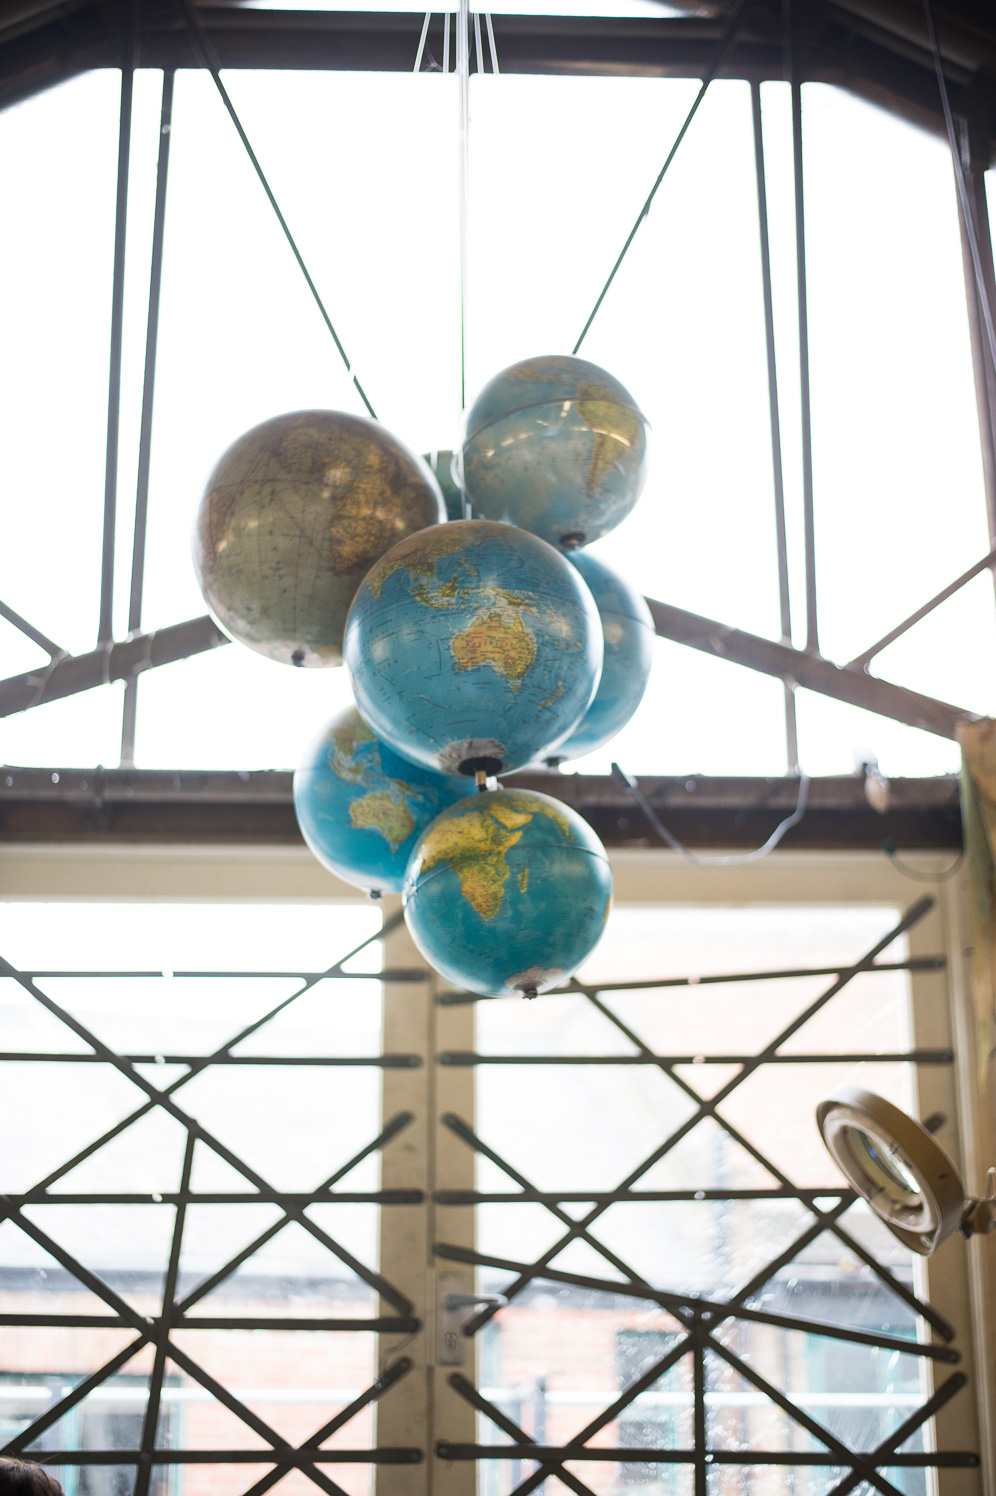 Freunde-von-Freunden-Bellerby-Globes-070.jpg